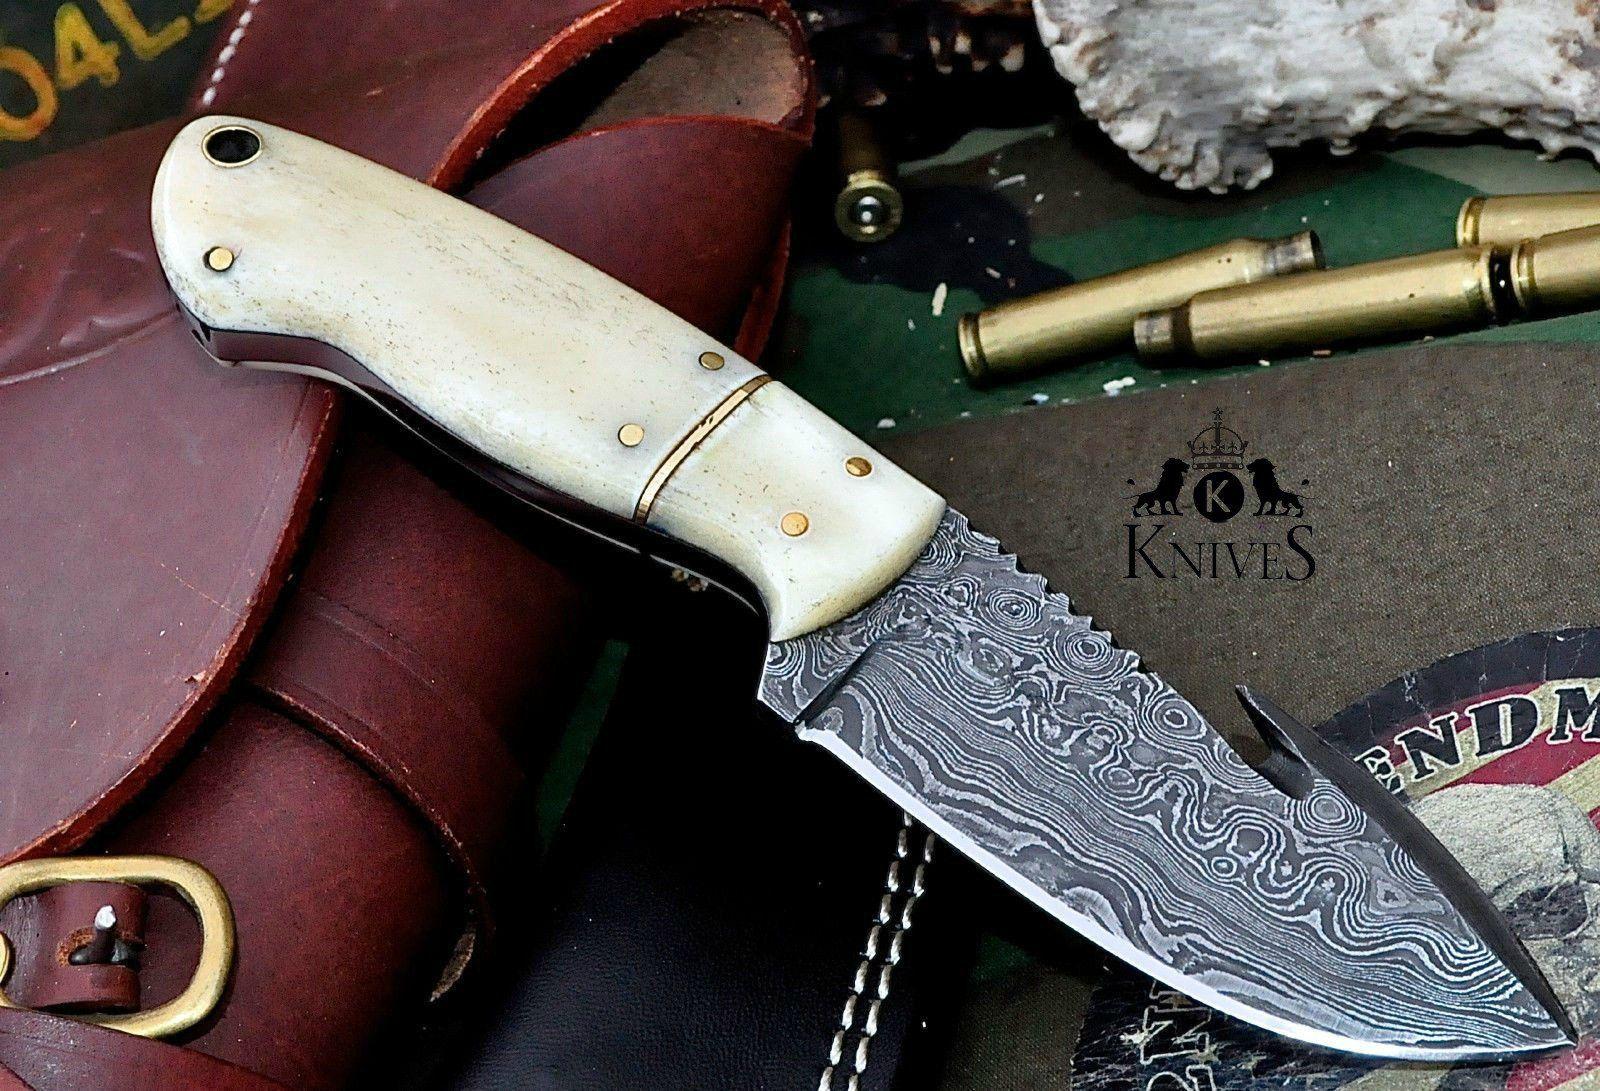 King 8 Gut Hook Handmade Skinning Hunting Knife Skinning Knife Knife Damascus Steel